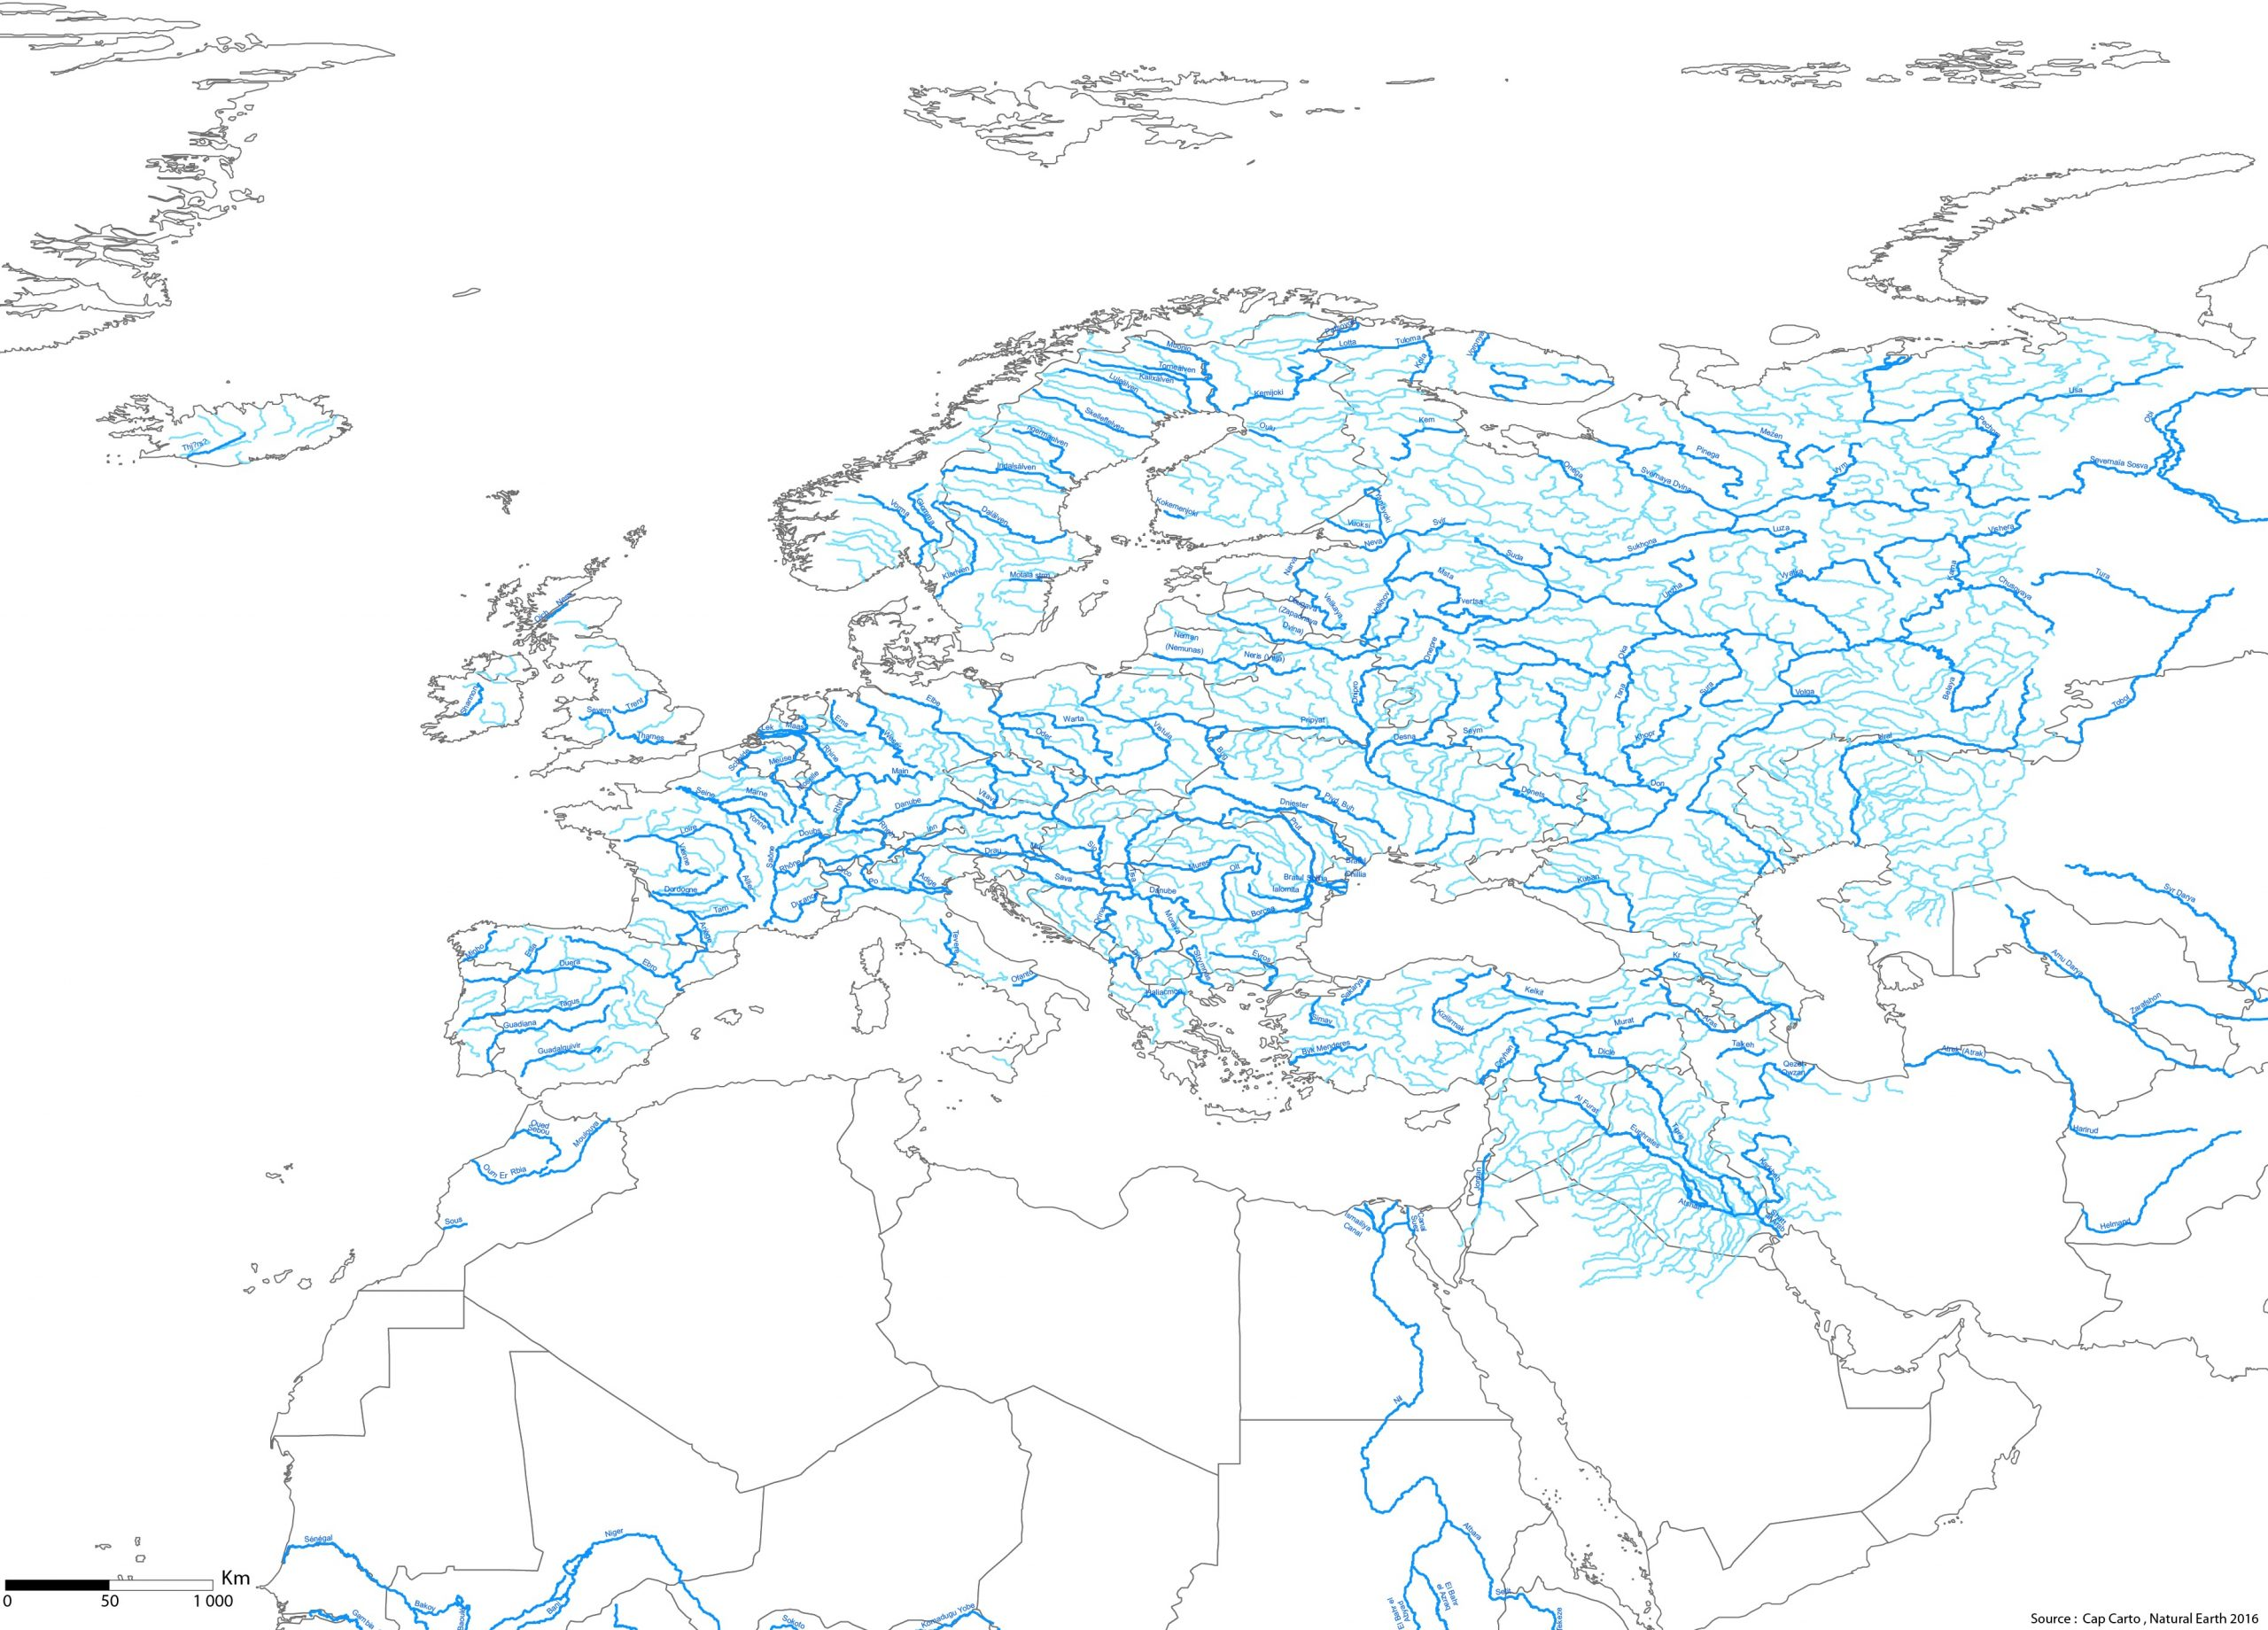 Europe-Pays-Fleuves-Noms-Rivieres-Echelle-Wgs84-Vierge - Cap intérieur Carte Fleuve Europe Vierge